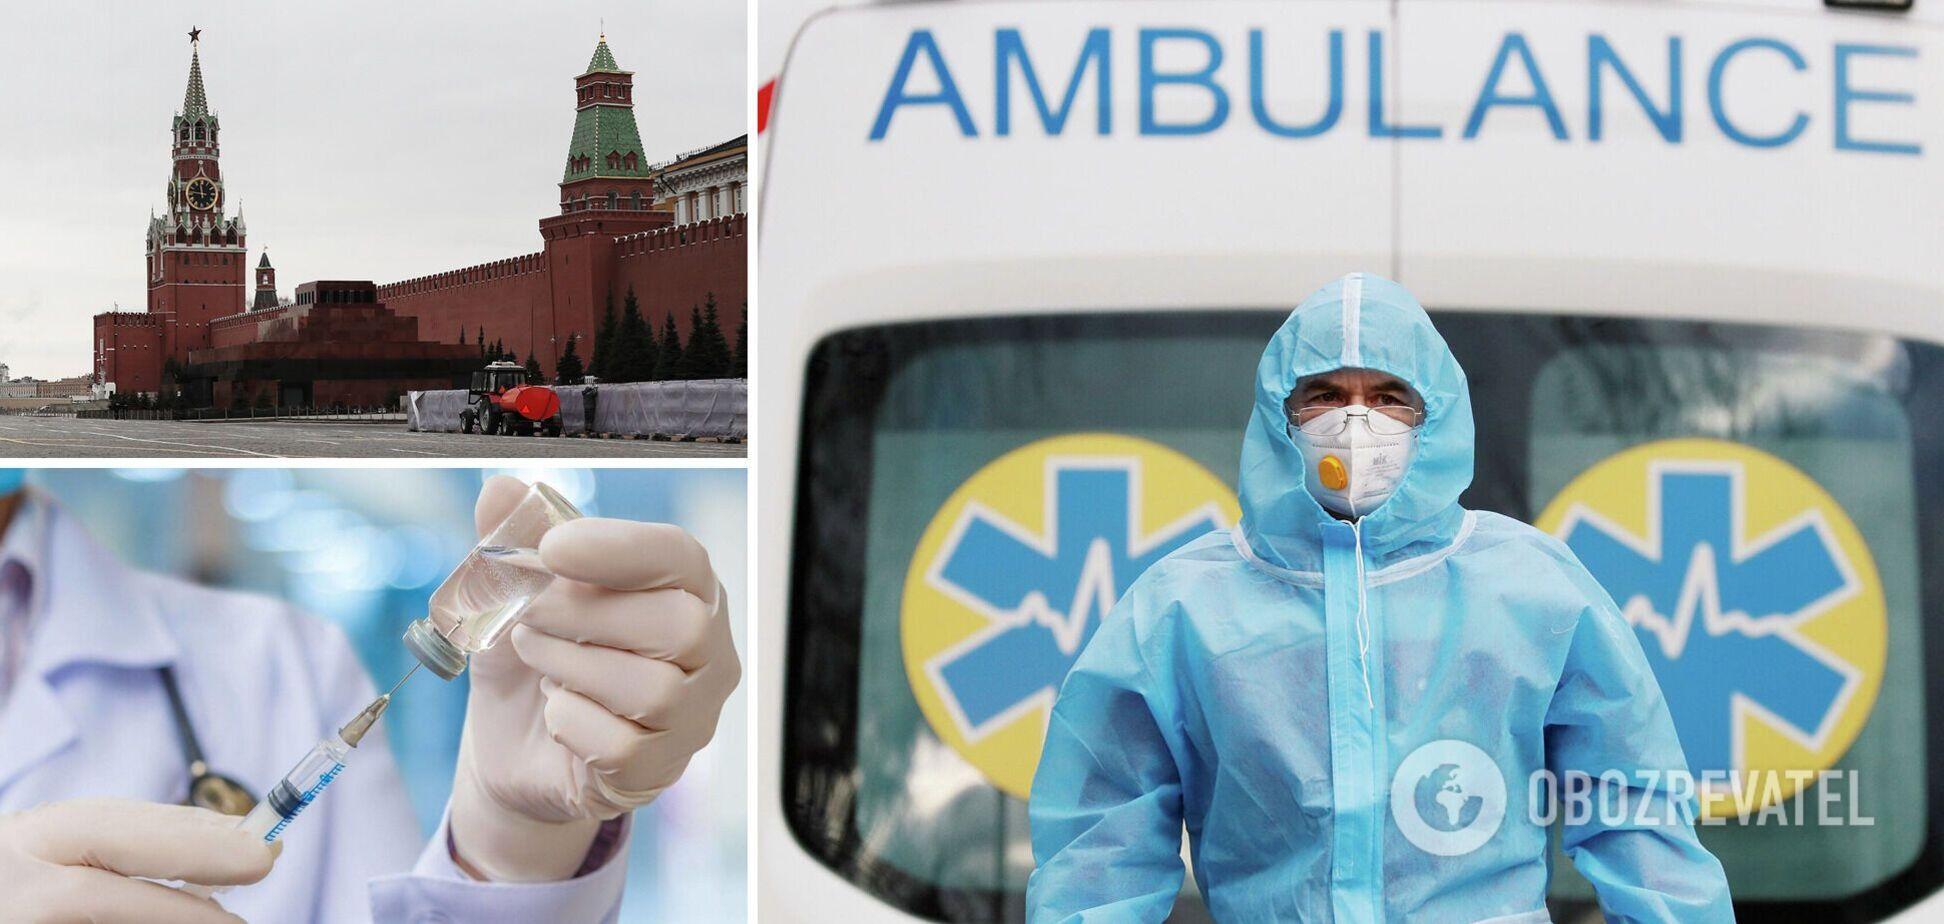 Фейки, пропаганда и 'ручные' политики: как Кремль убивает украинцев с помощью COVID-19